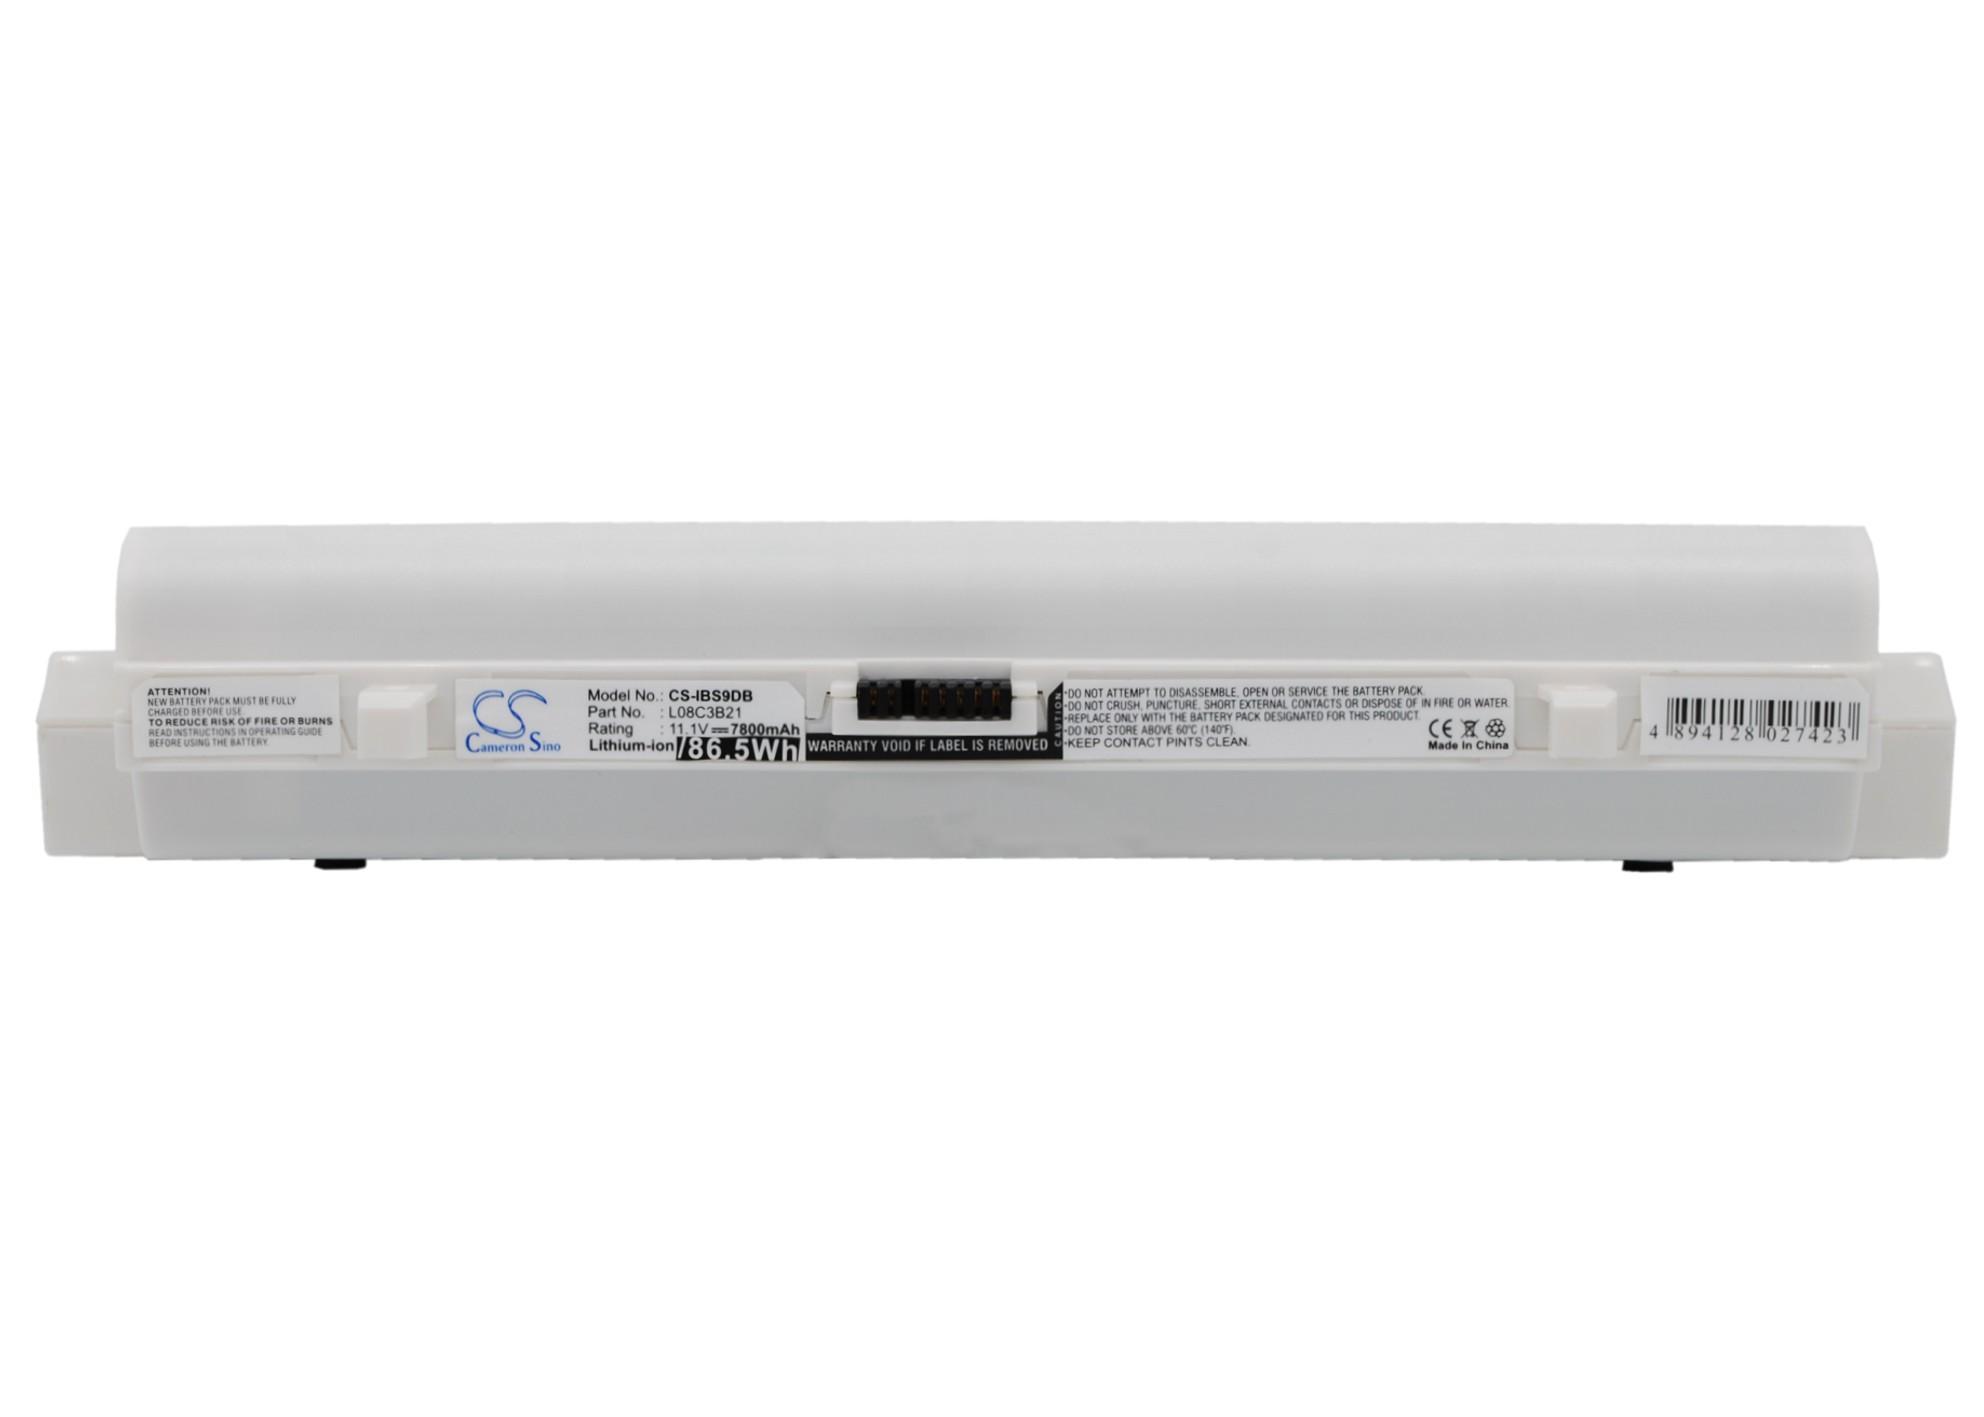 Cameron Sino baterie do notebooků pro LENOVO ideapad S10 20015 11.1V Li-ion 7800mAh bílá - neoriginální